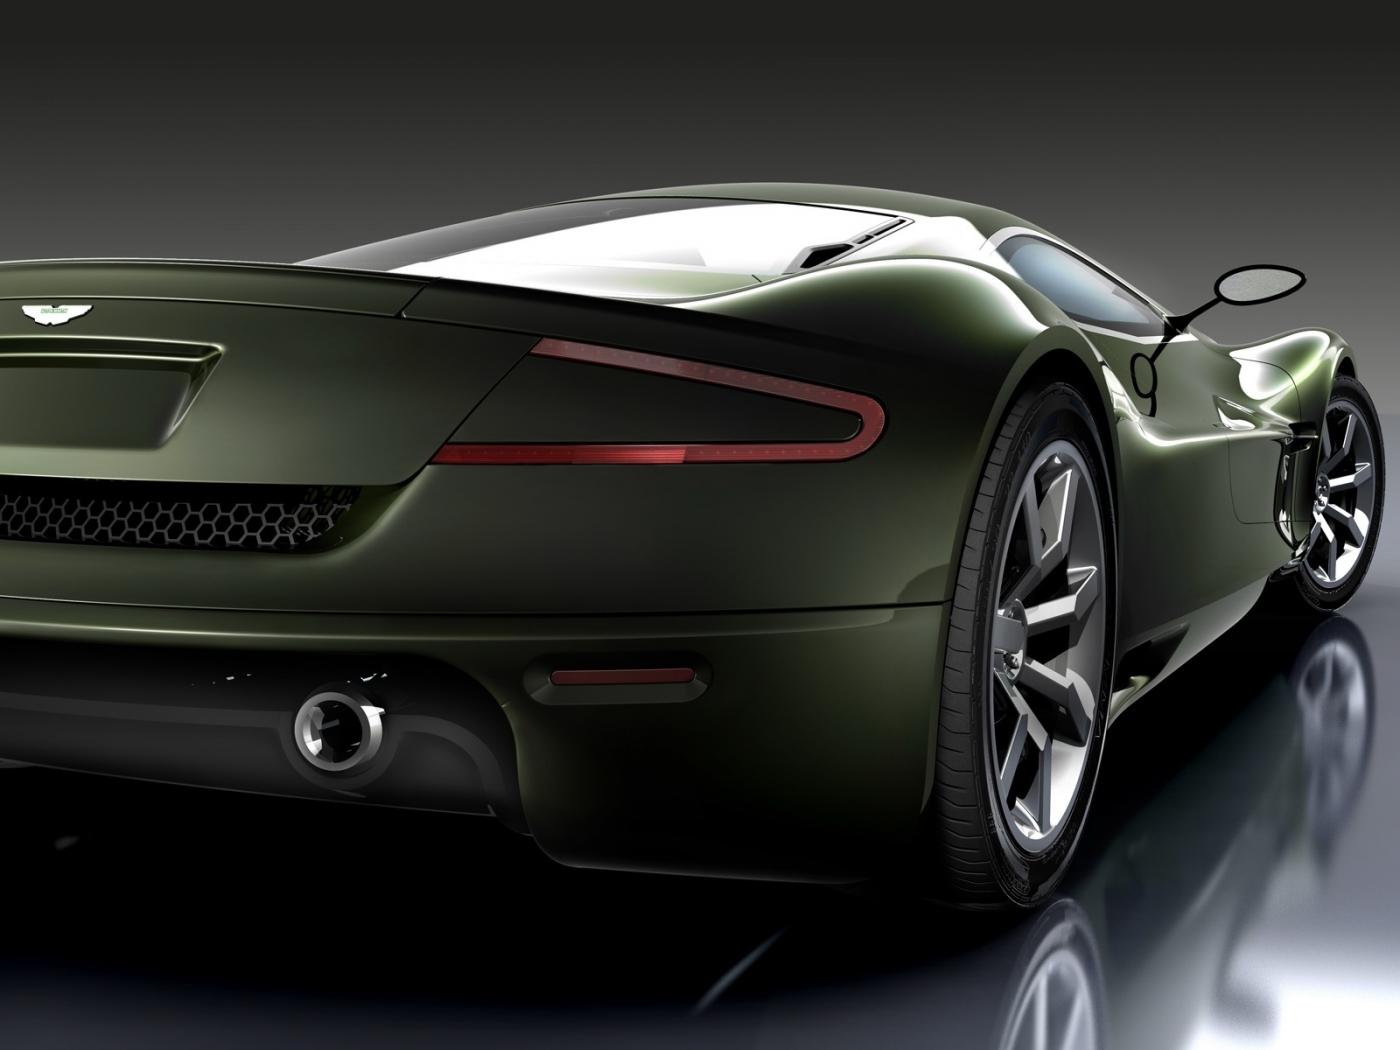 49005 скачать обои Транспорт, Машины, Астон Мартин (Aston Martin) - заставки и картинки бесплатно